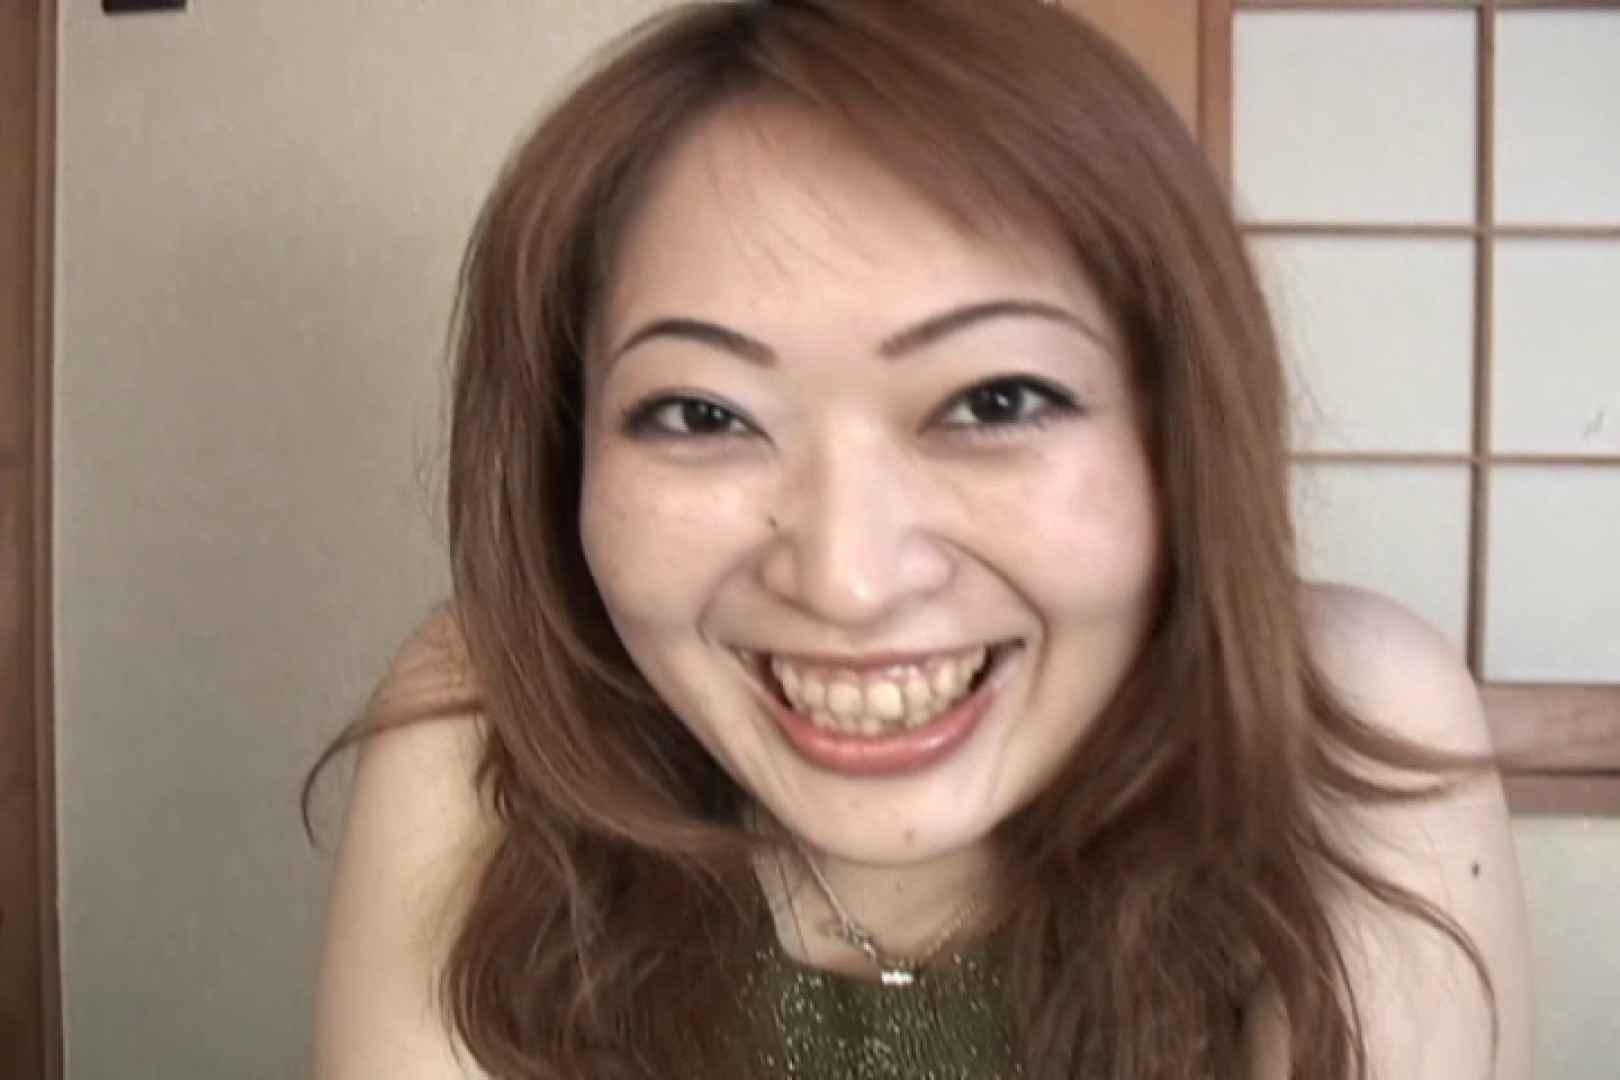 仕事で月200本のチンポを相手する22歳若人妻~桜井あい~ 人妻のエッチ  108pic 64